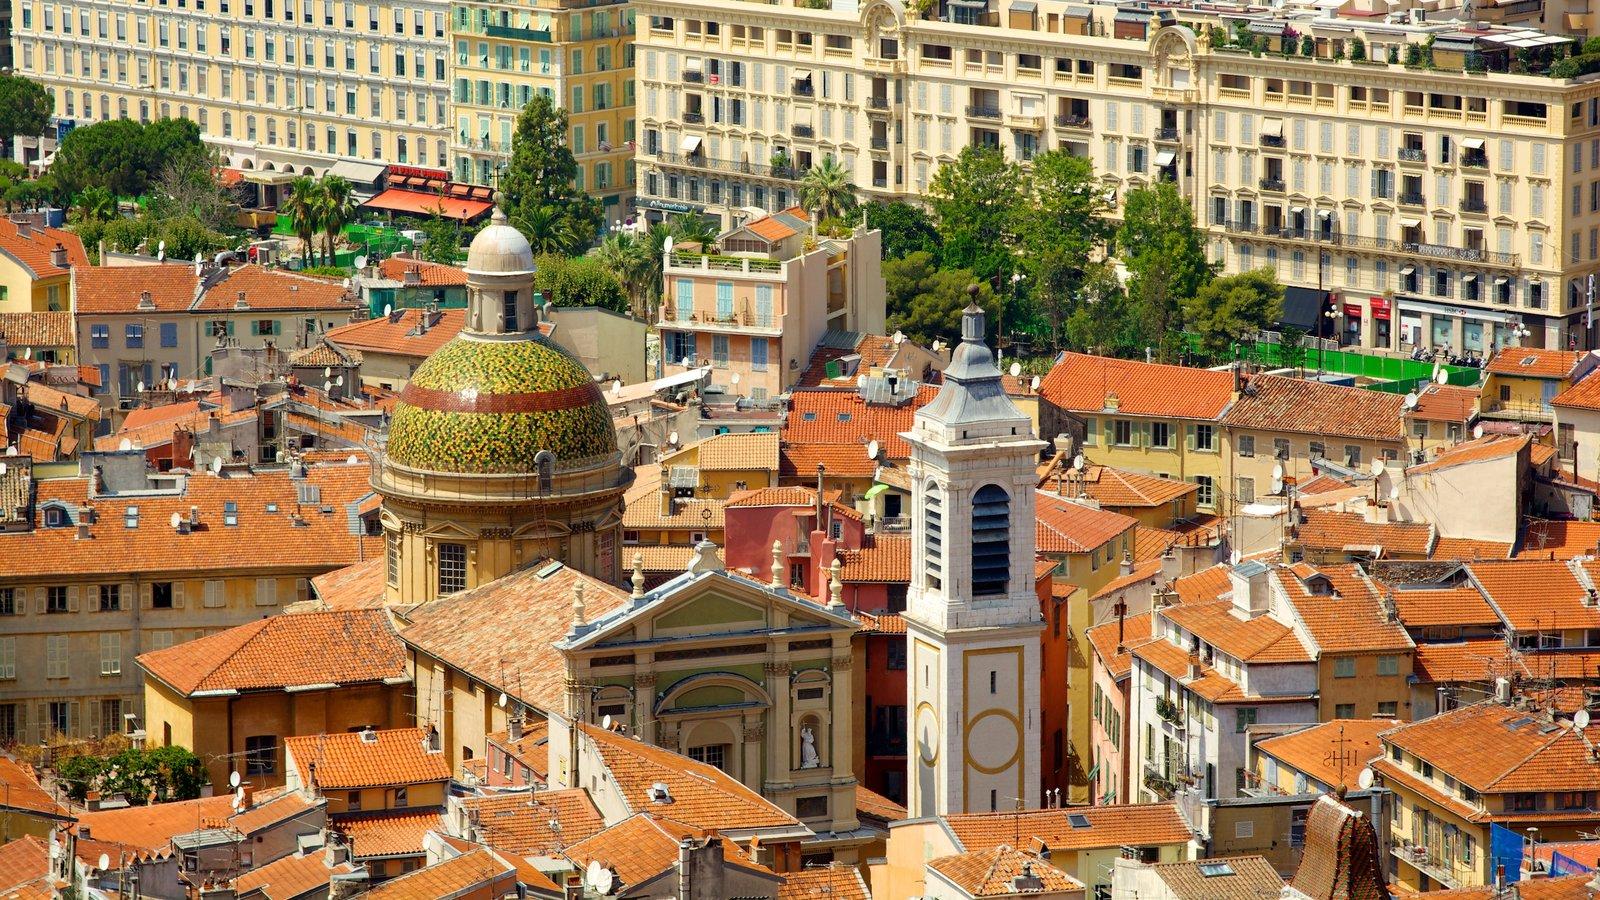 Castle Hill caracterizando uma cidade, arquitetura de patrimônio e uma igreja ou catedral